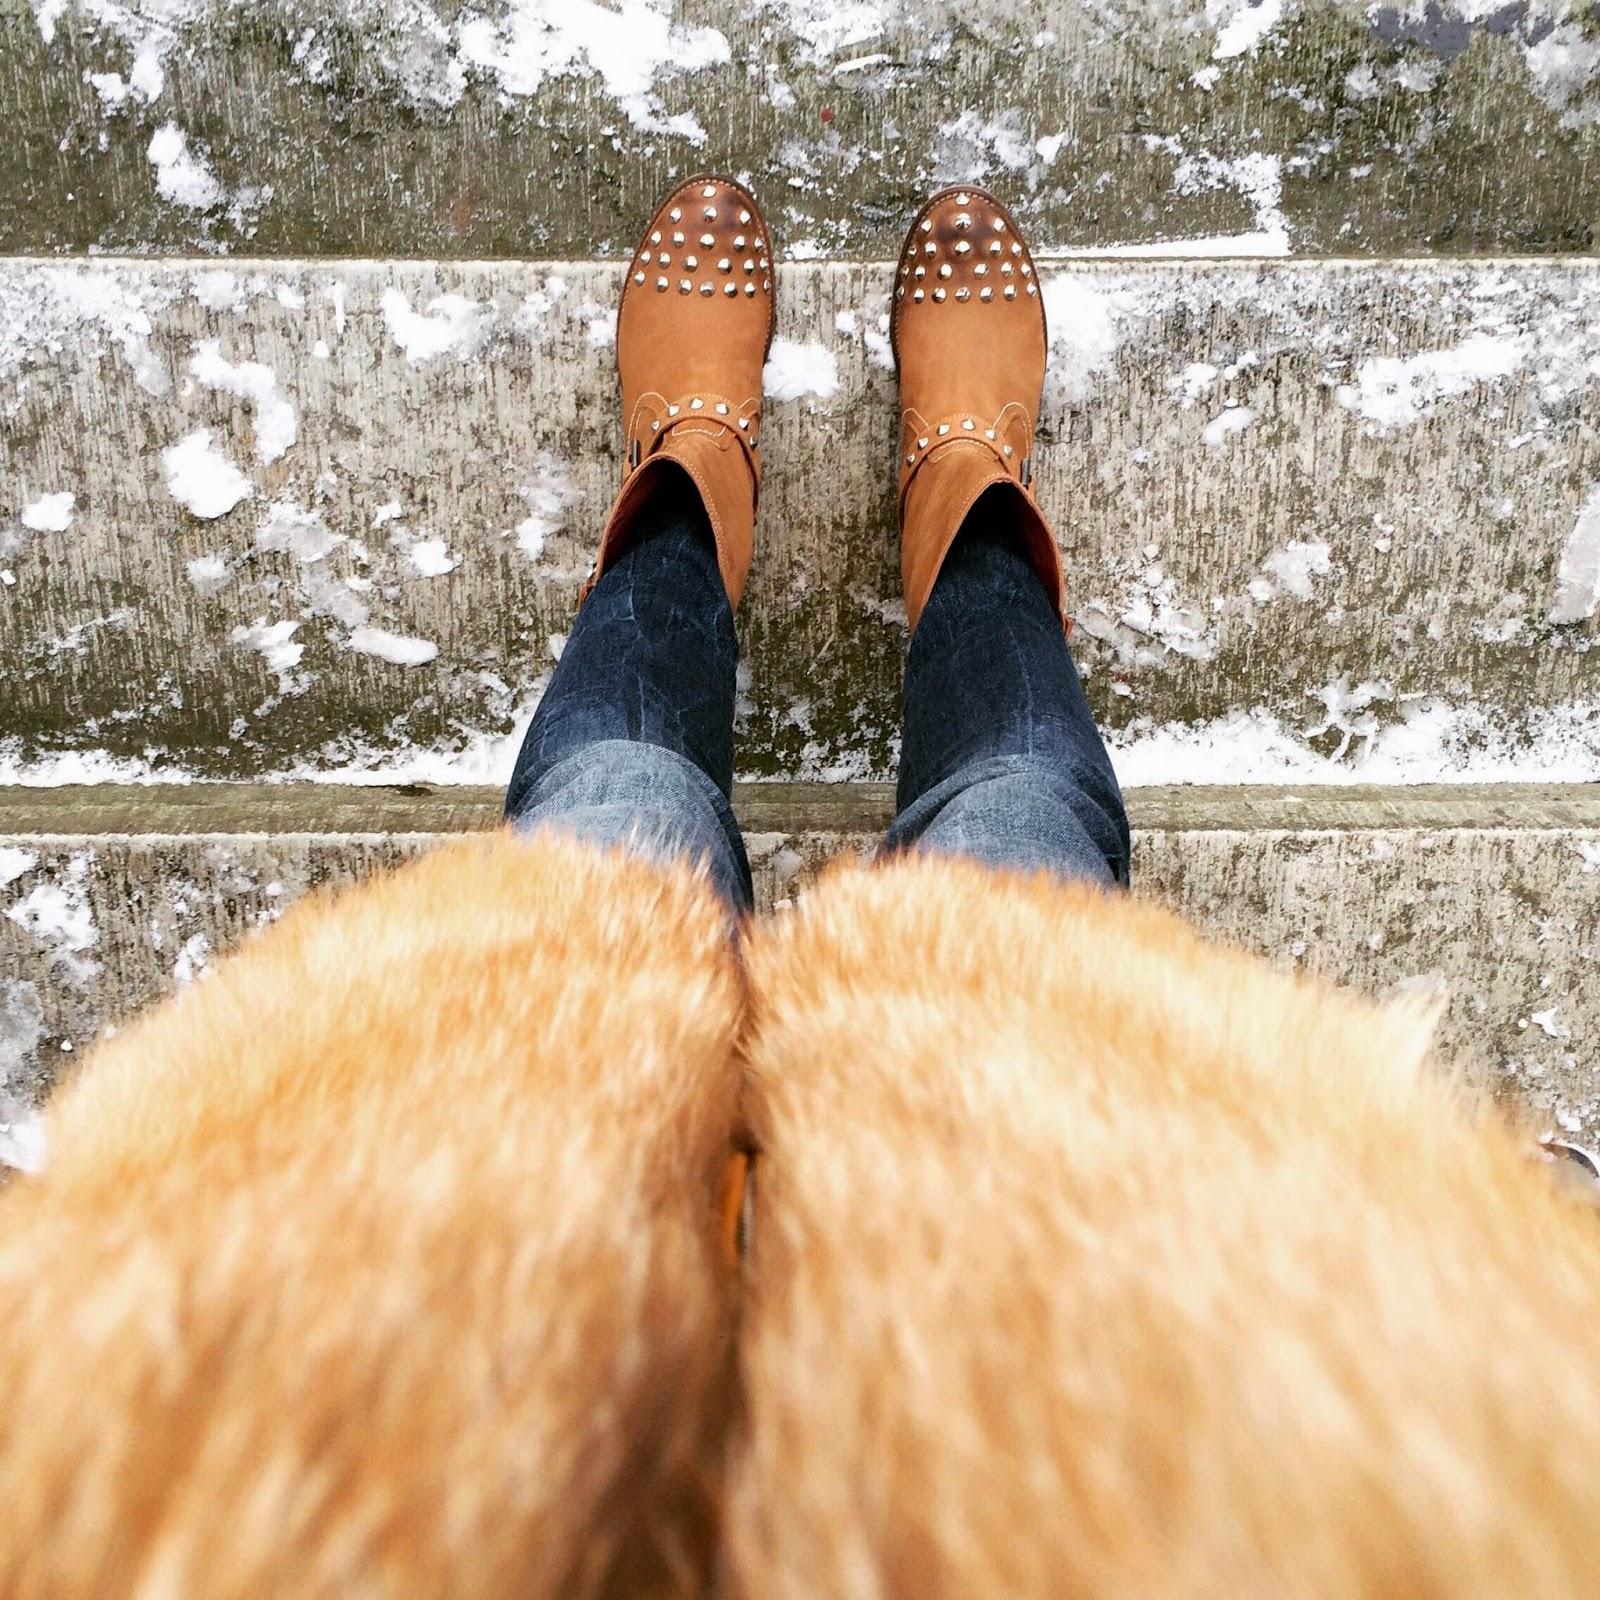 chiara-ferragni-ankle-boots-fox-fur-coat